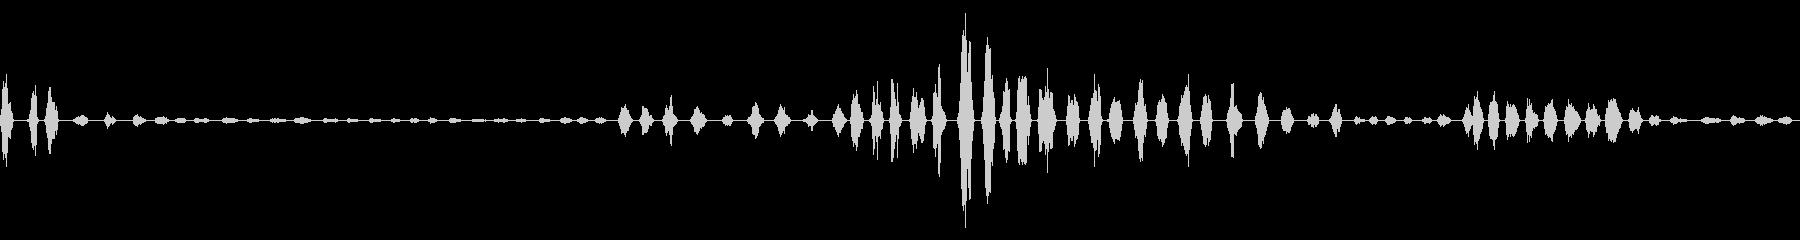 発情期のオス猫の鳴き声の未再生の波形